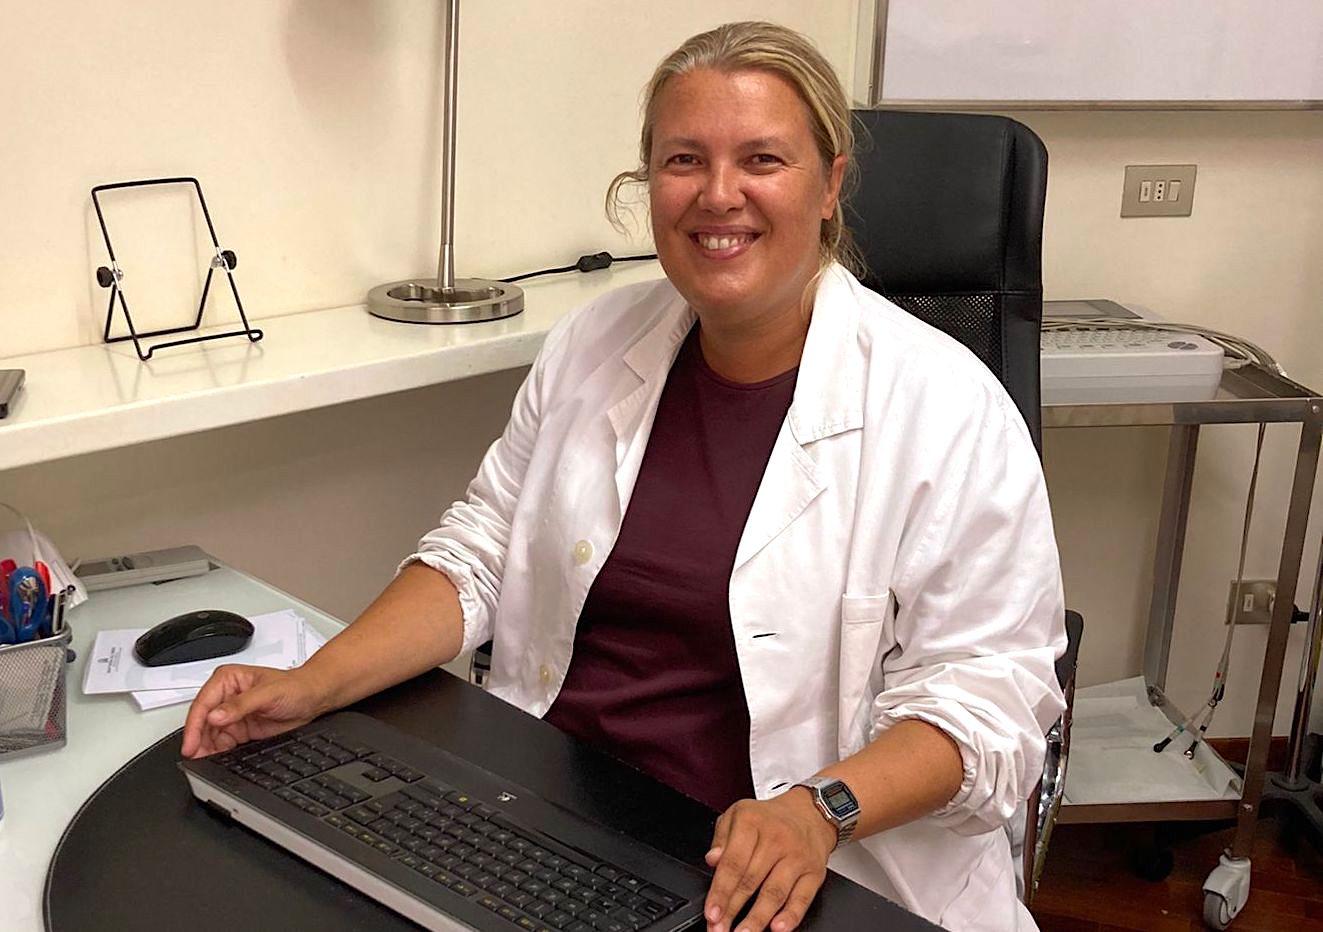 Da novembre in IRV la dott.ssa Claudia Menghetti – Specialista in chirurgia della colonna vertebrale degenerativa e oncologica